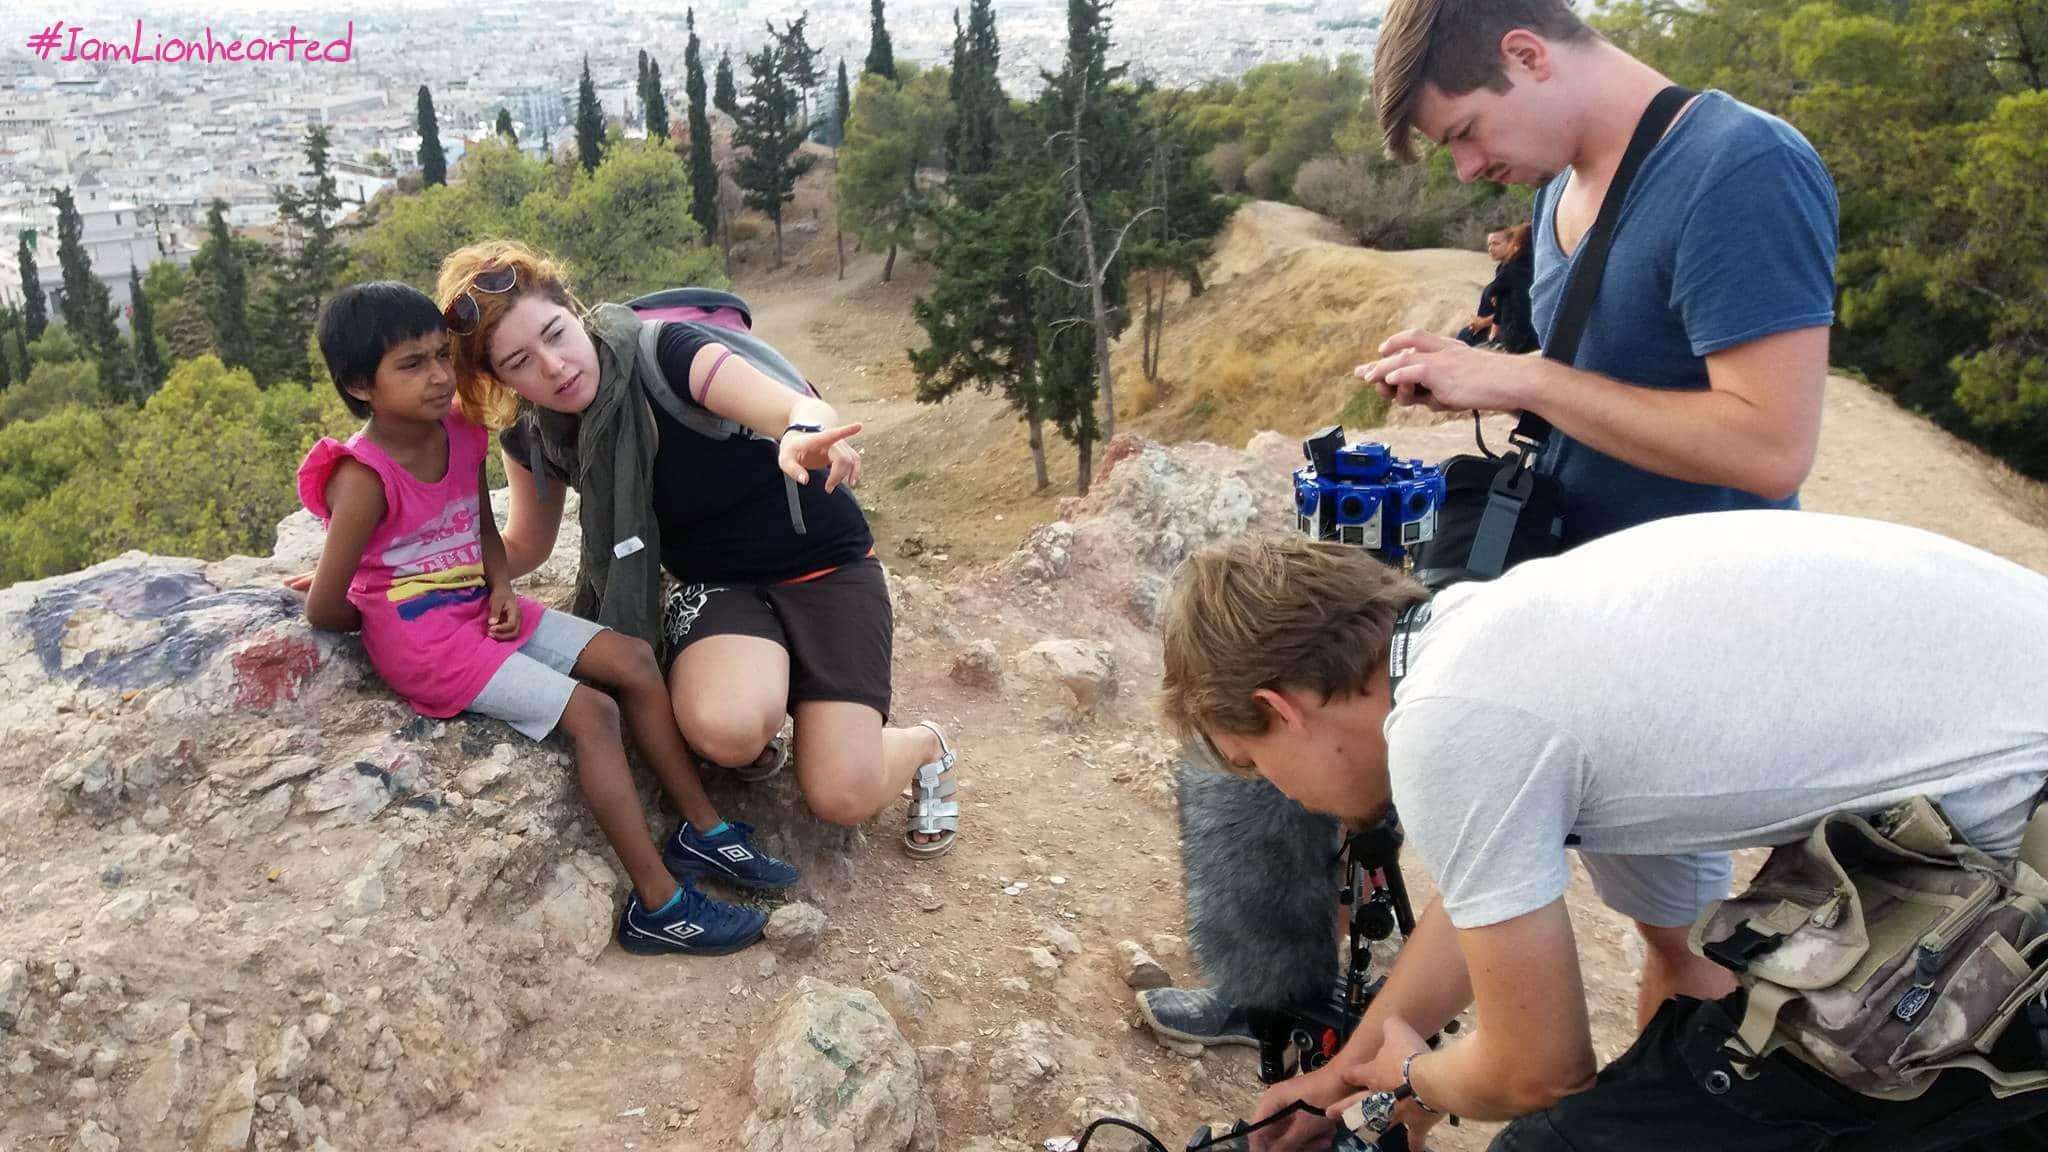 Ricarda erklärt Rida etwas und zeigt auf die Kamera. Das Team und die Kamera stehen vor ihnen.